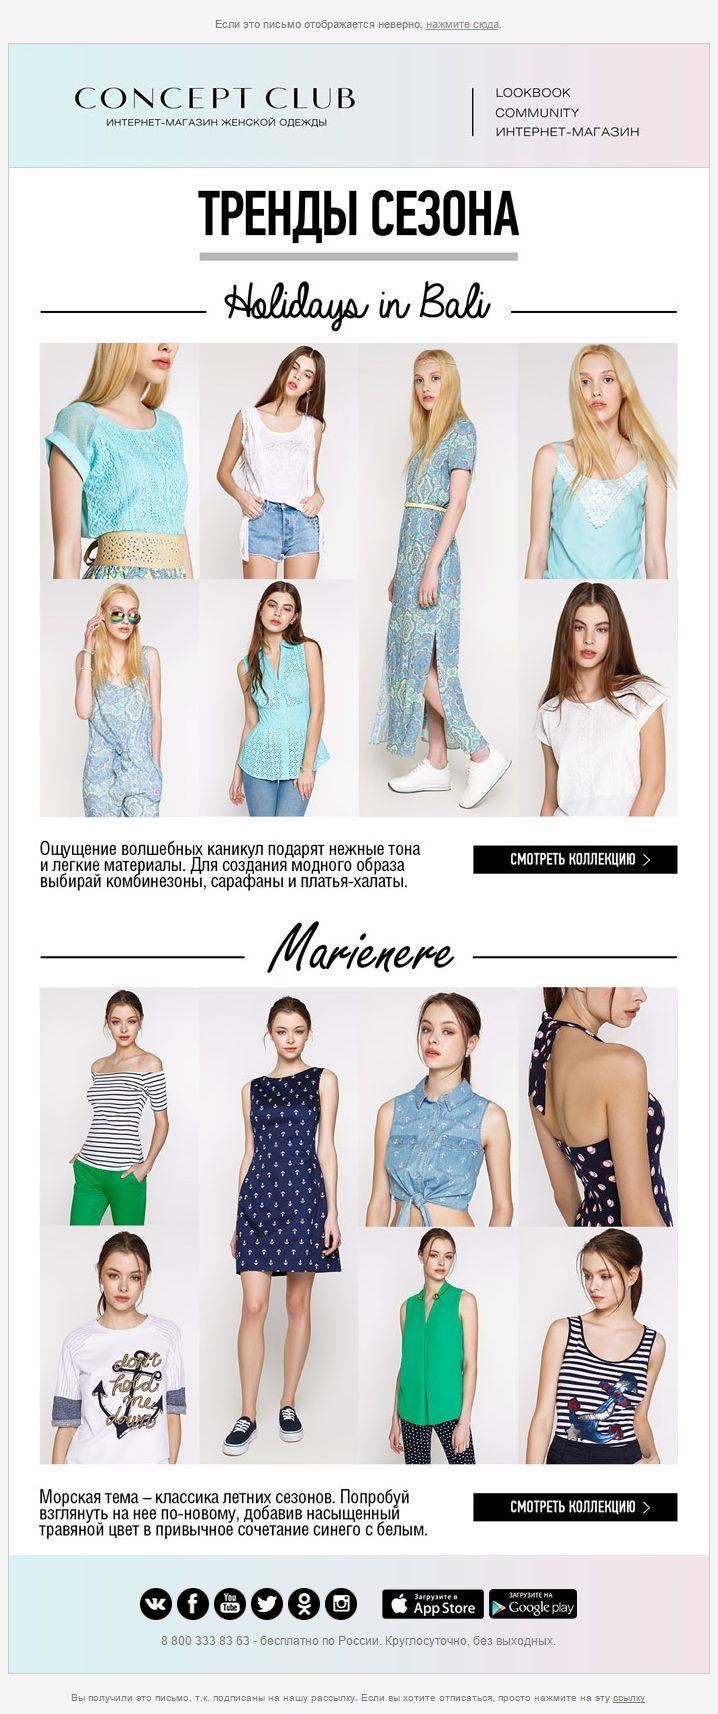 Регулярная рассылка для интернет-магазина модной одежды Concept-club. Одна из многих выходящих каждый месяц.